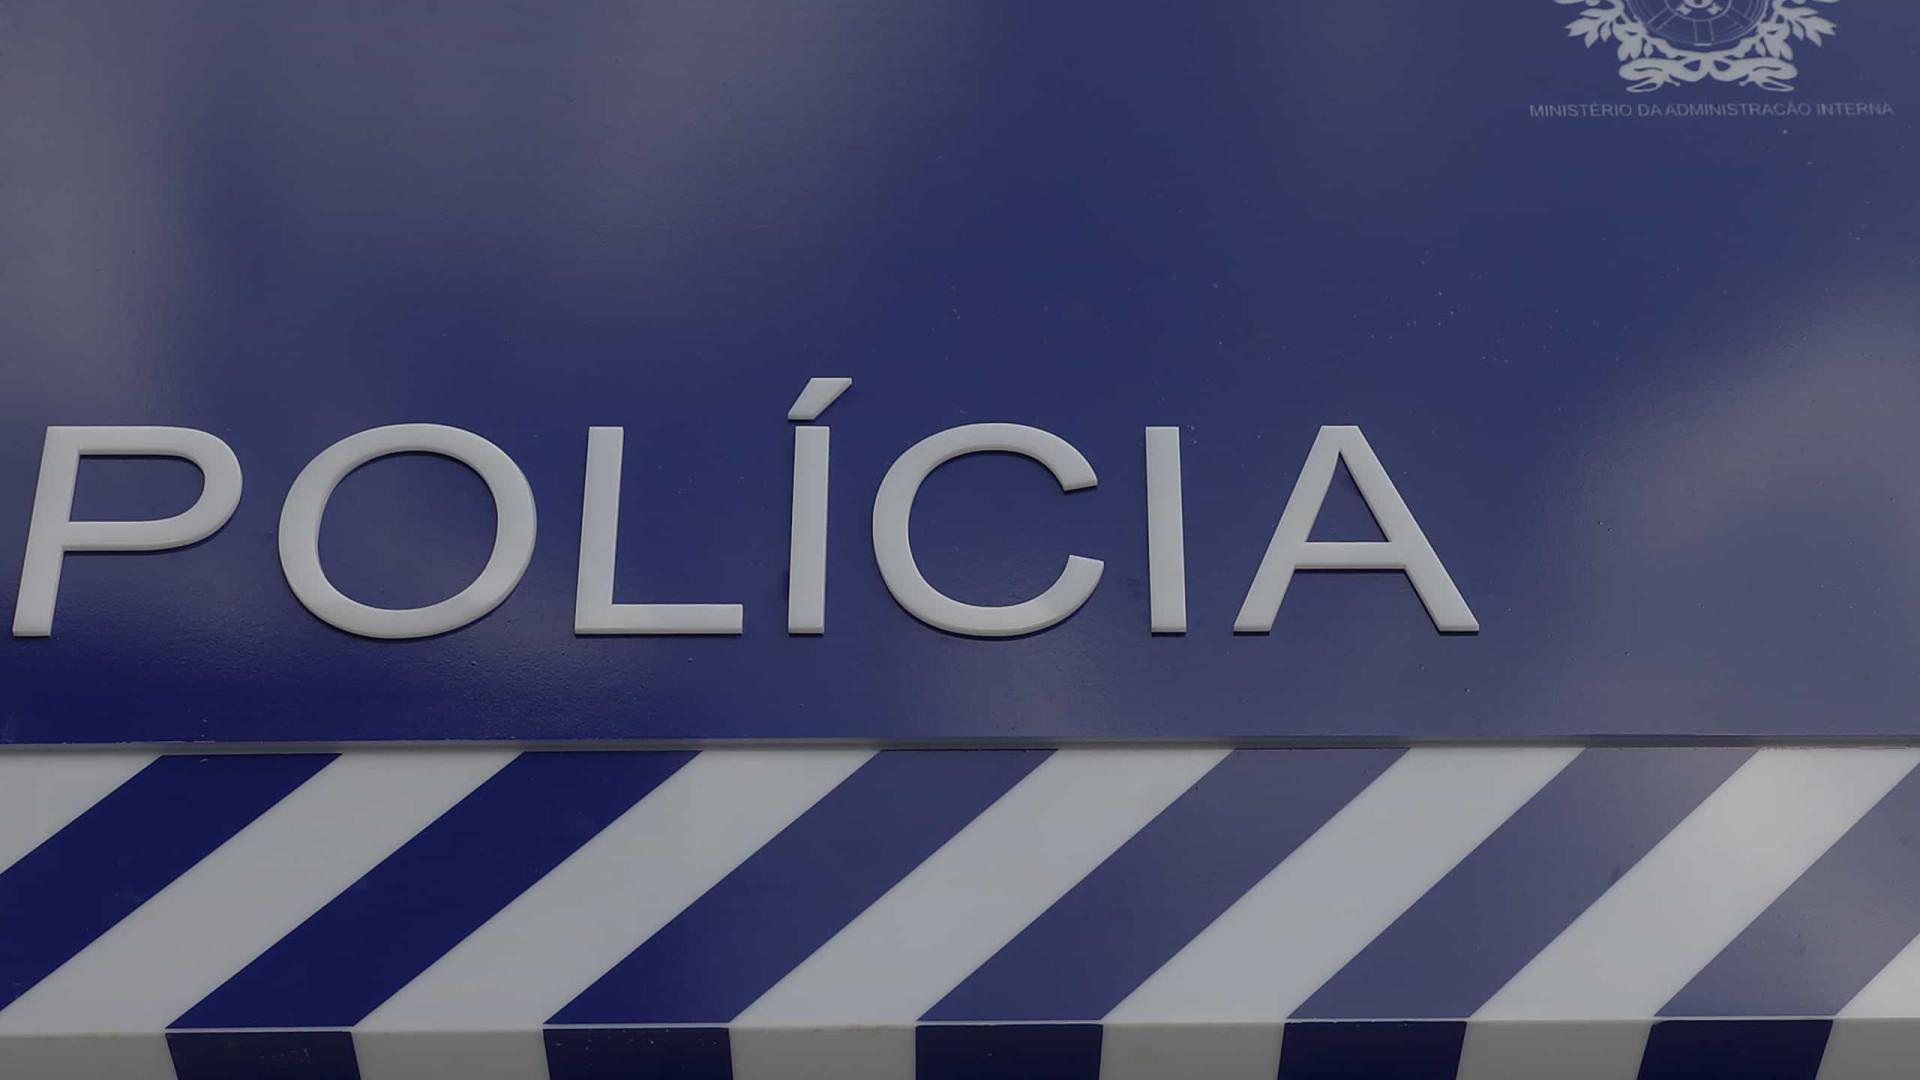 Agentes da PSP formalmente acusados de tratamentos cruéis e desumanos